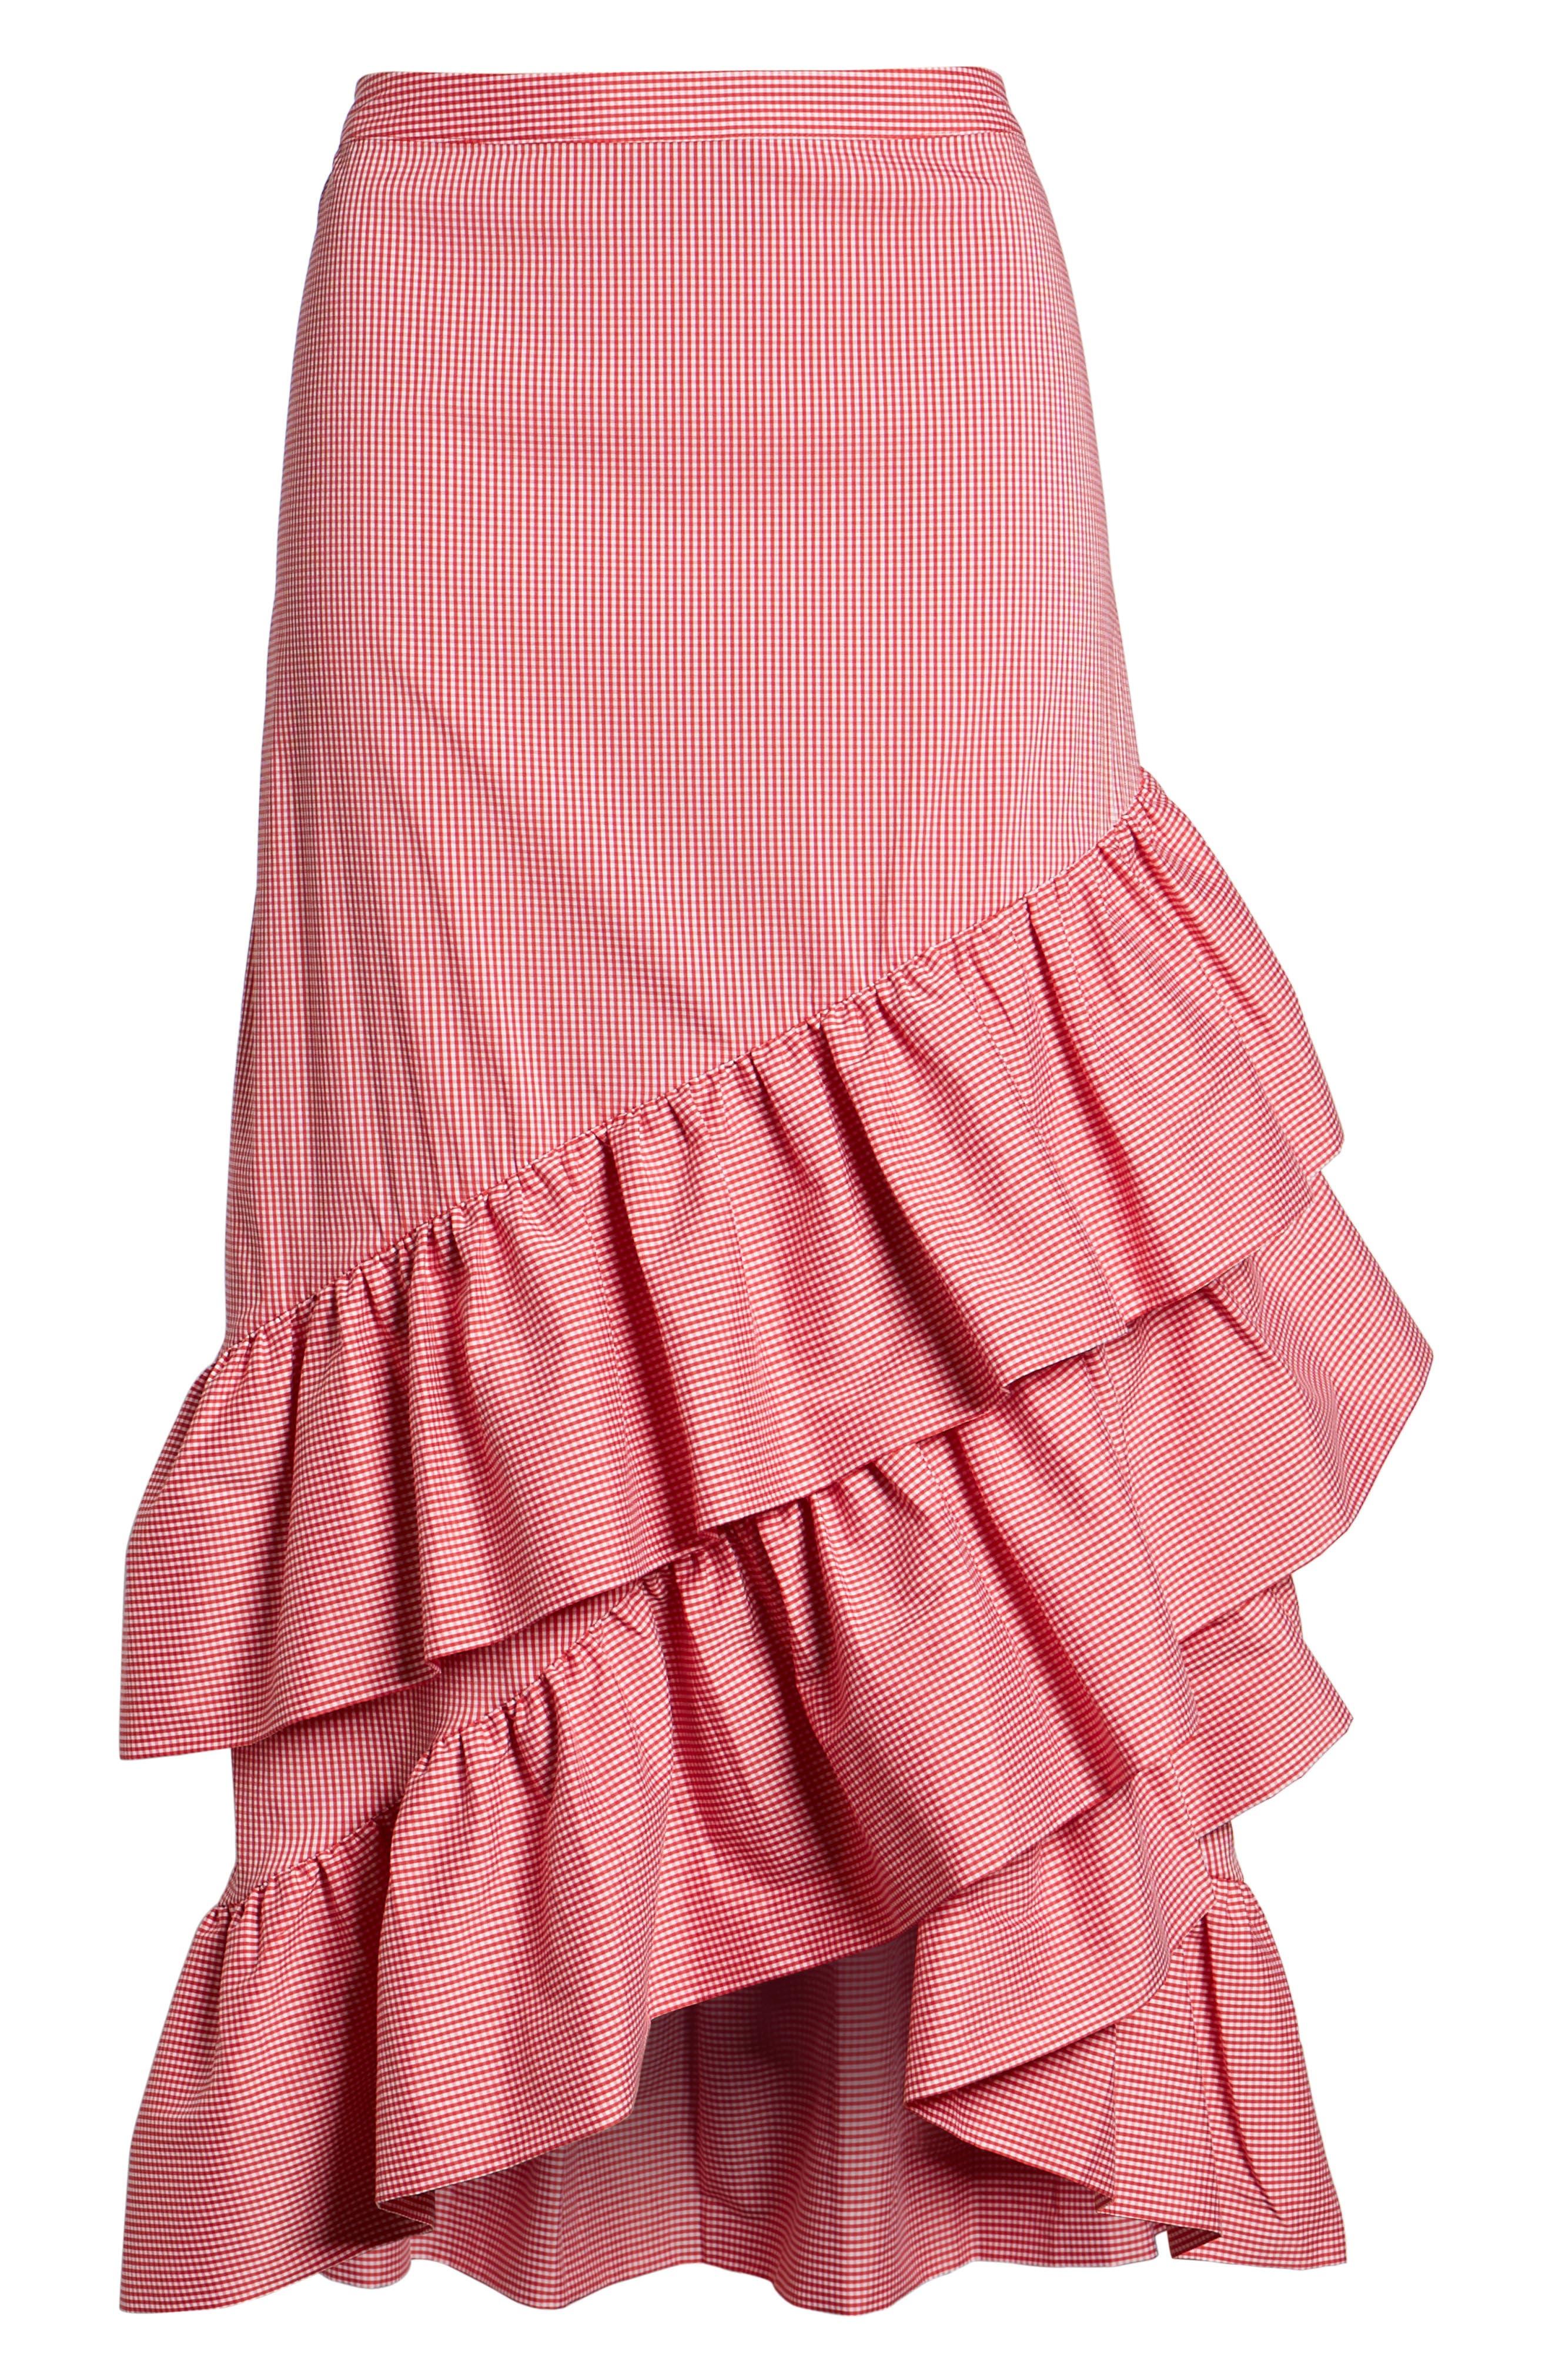 Gingham Ruffle Skirt,                             Alternate thumbnail 12, color,